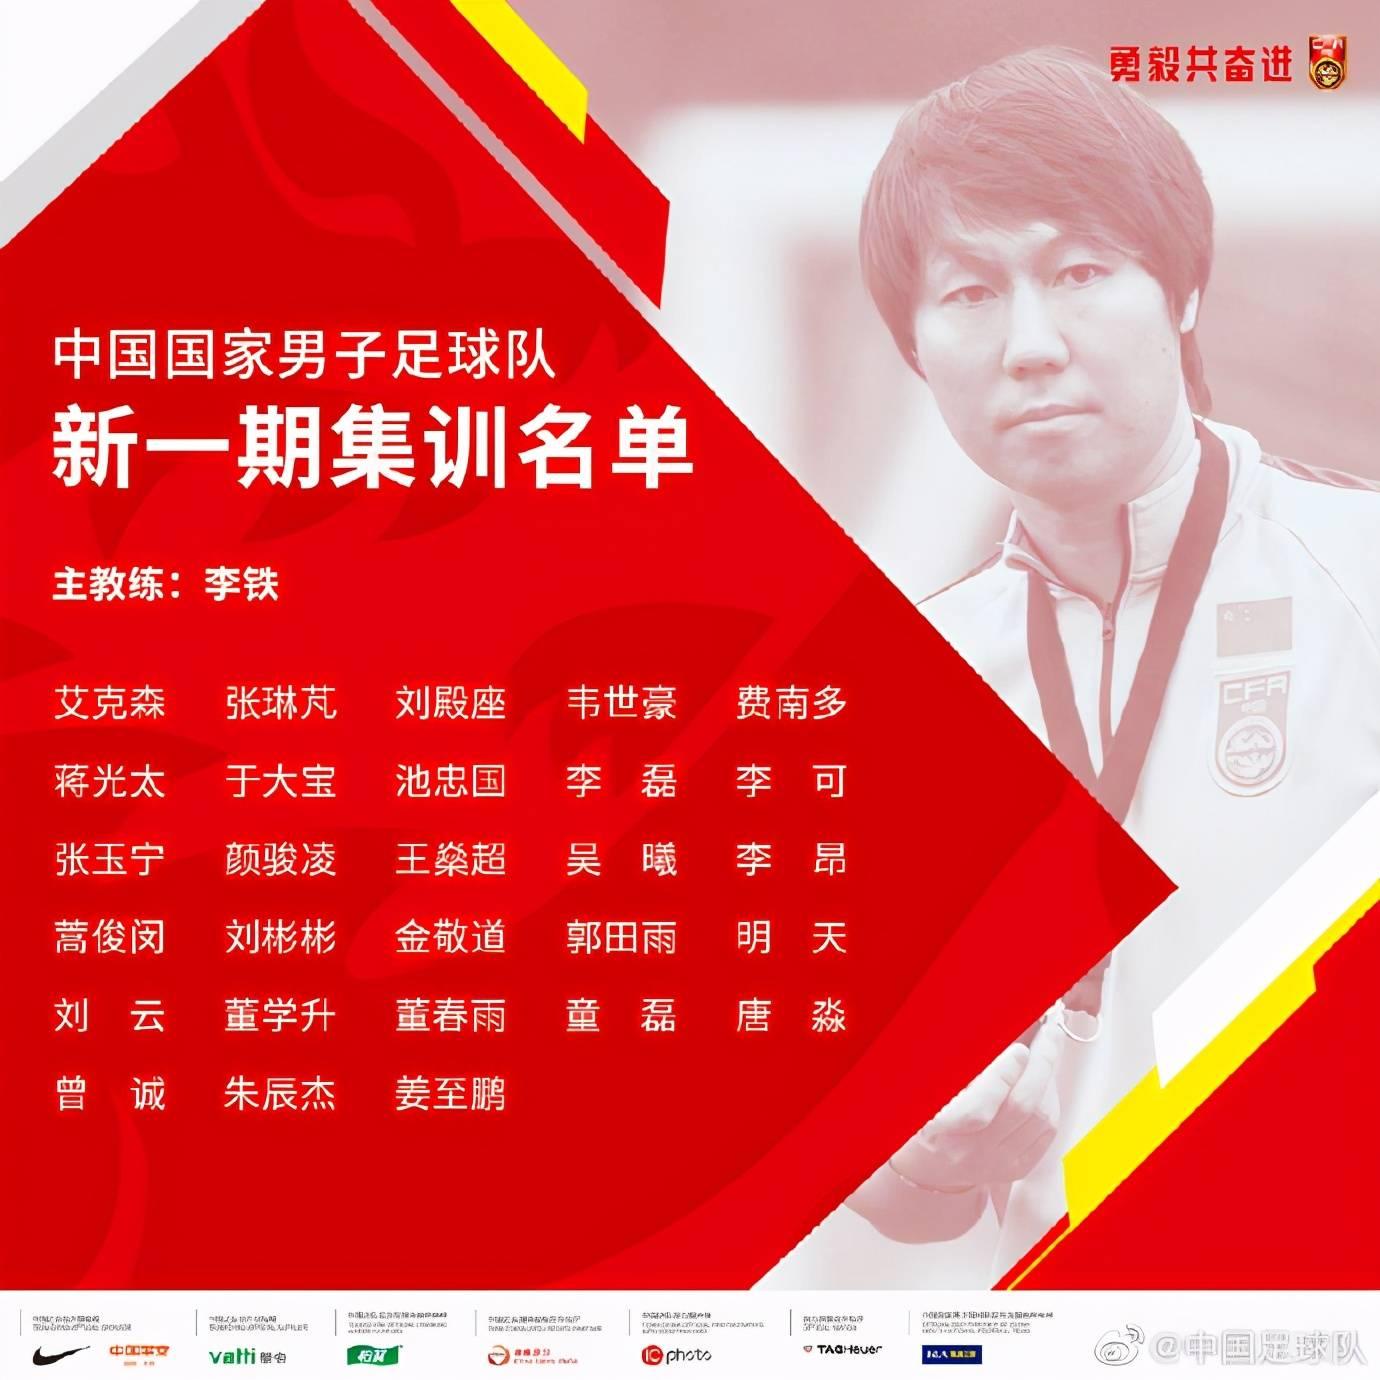 国足新一期集训名单:卓尔四将入选,还有这两名武汉球员……